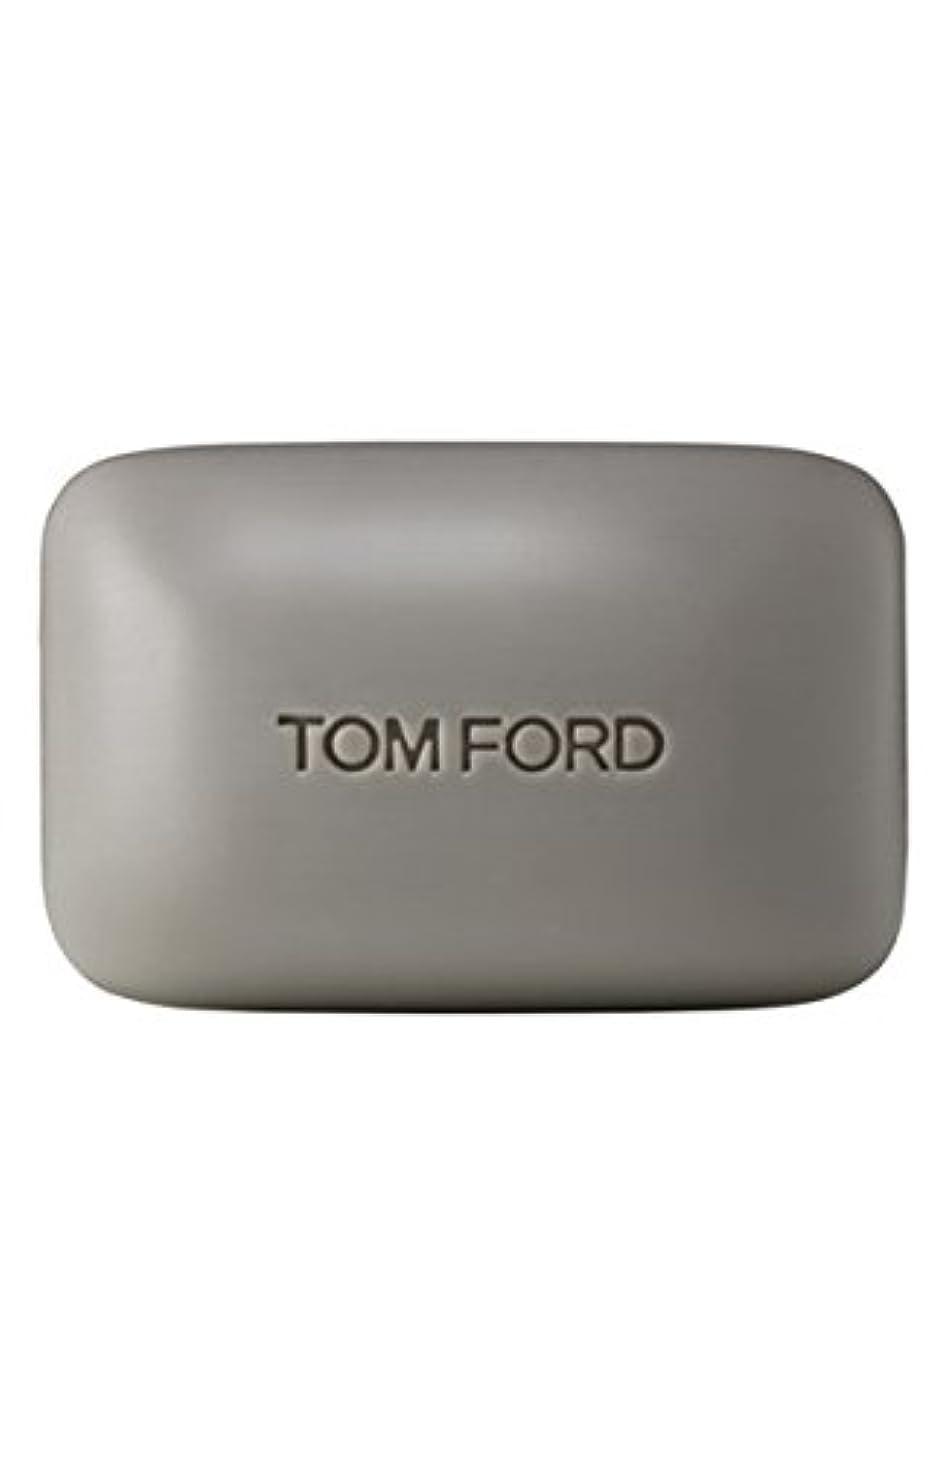 聴覚障害者カビ上にTom Ford Private Blend 'Oud Wood' (トムフォード プライベートブレンド オードウッド) 5.5 oz (165ml) Bar Soap (固形石鹸)